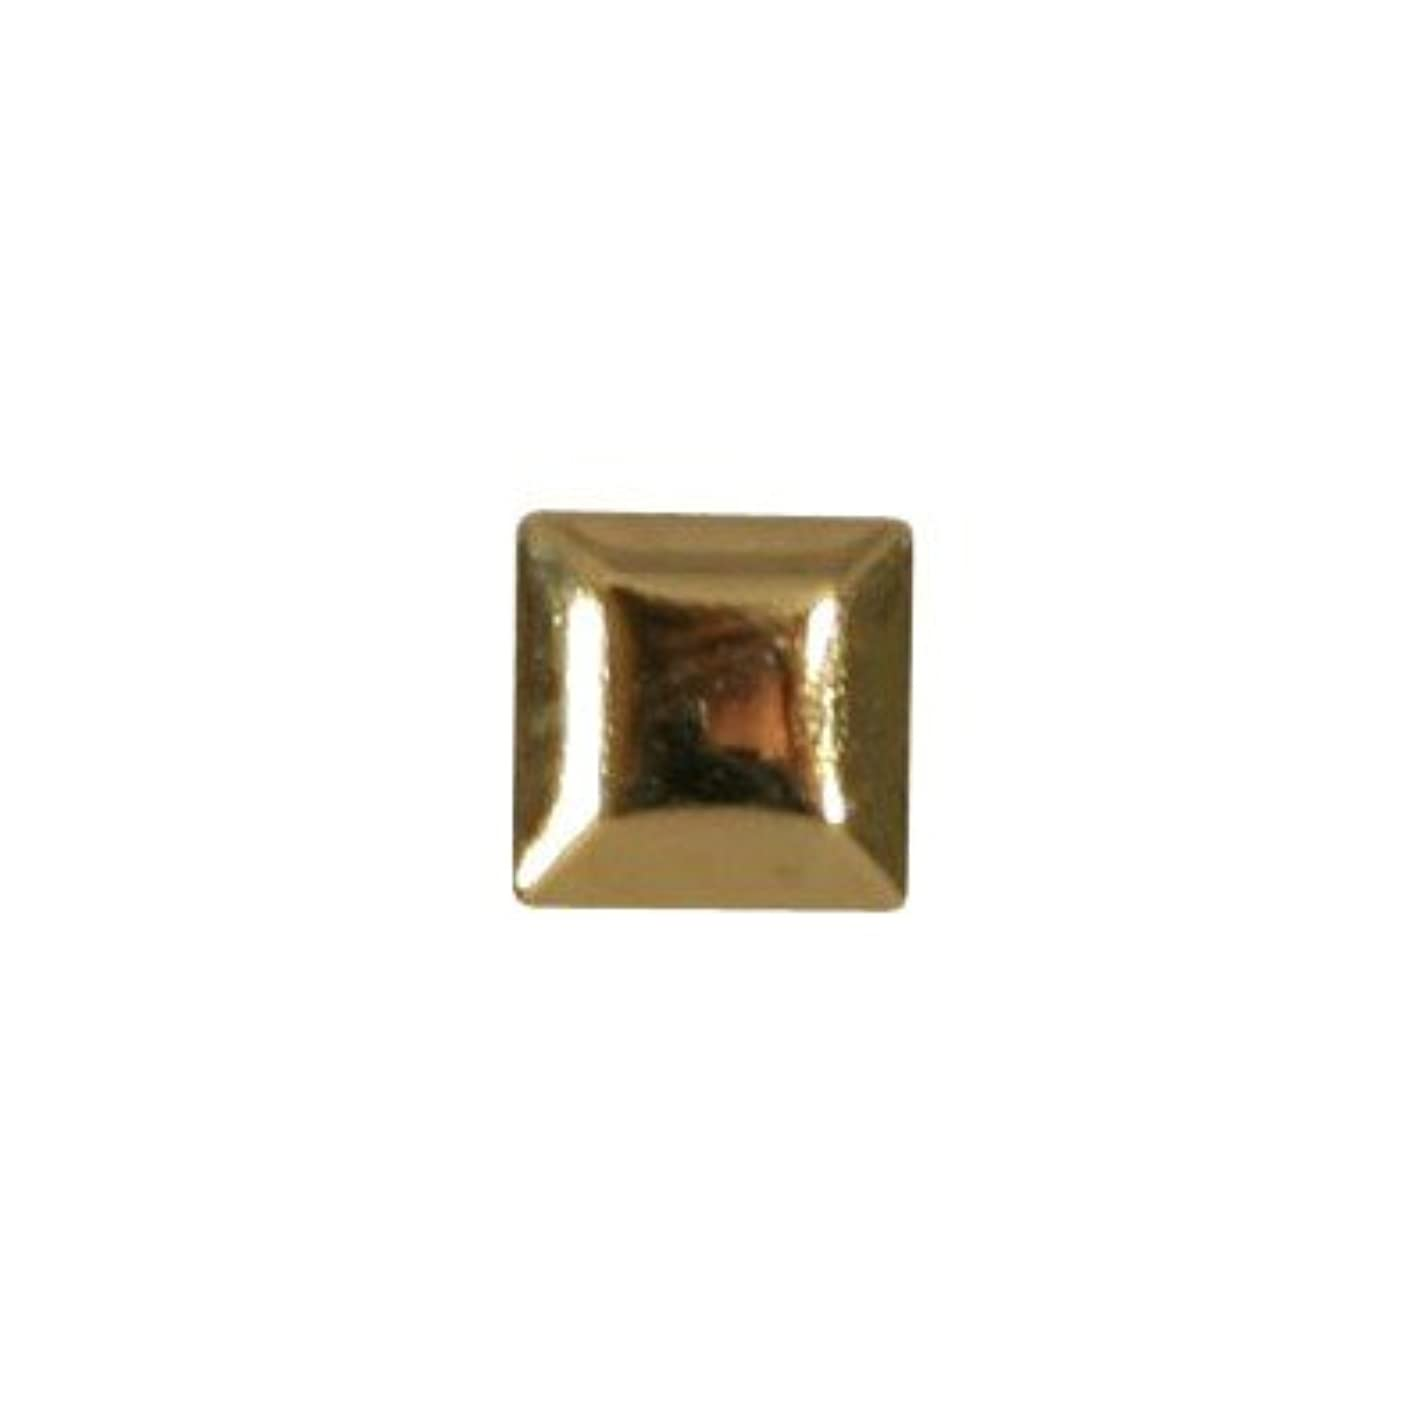 ピアドラ スタッズ メタルスクエア 3mm 50P ゴールド